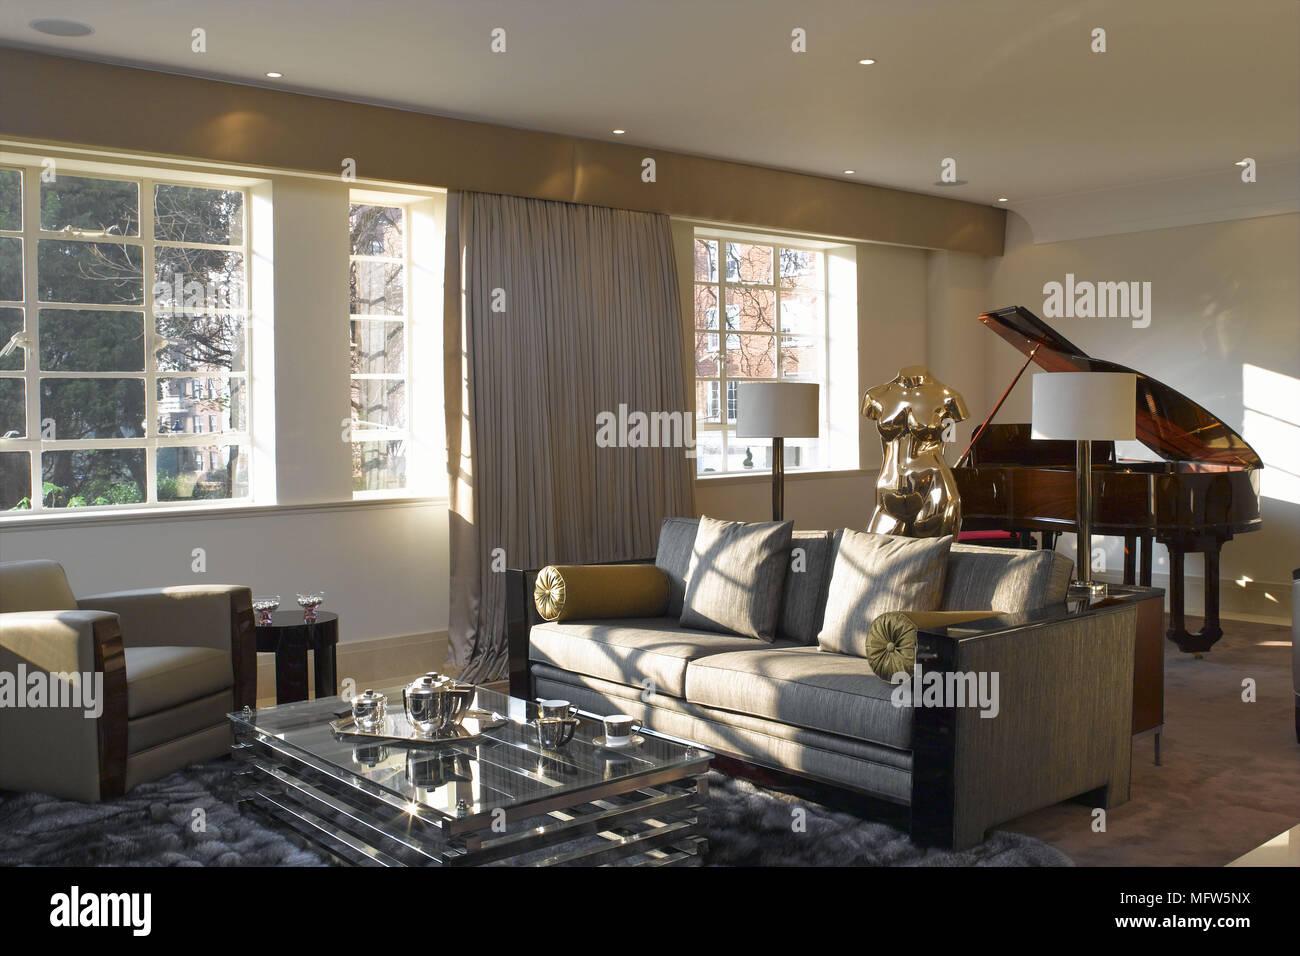 Un Salon Moderne Avec Une Grande Fenetre Eclairant Un Canape Et Un Fauteuil Face A Une Table Basse En Verre Photo Stock Alamy